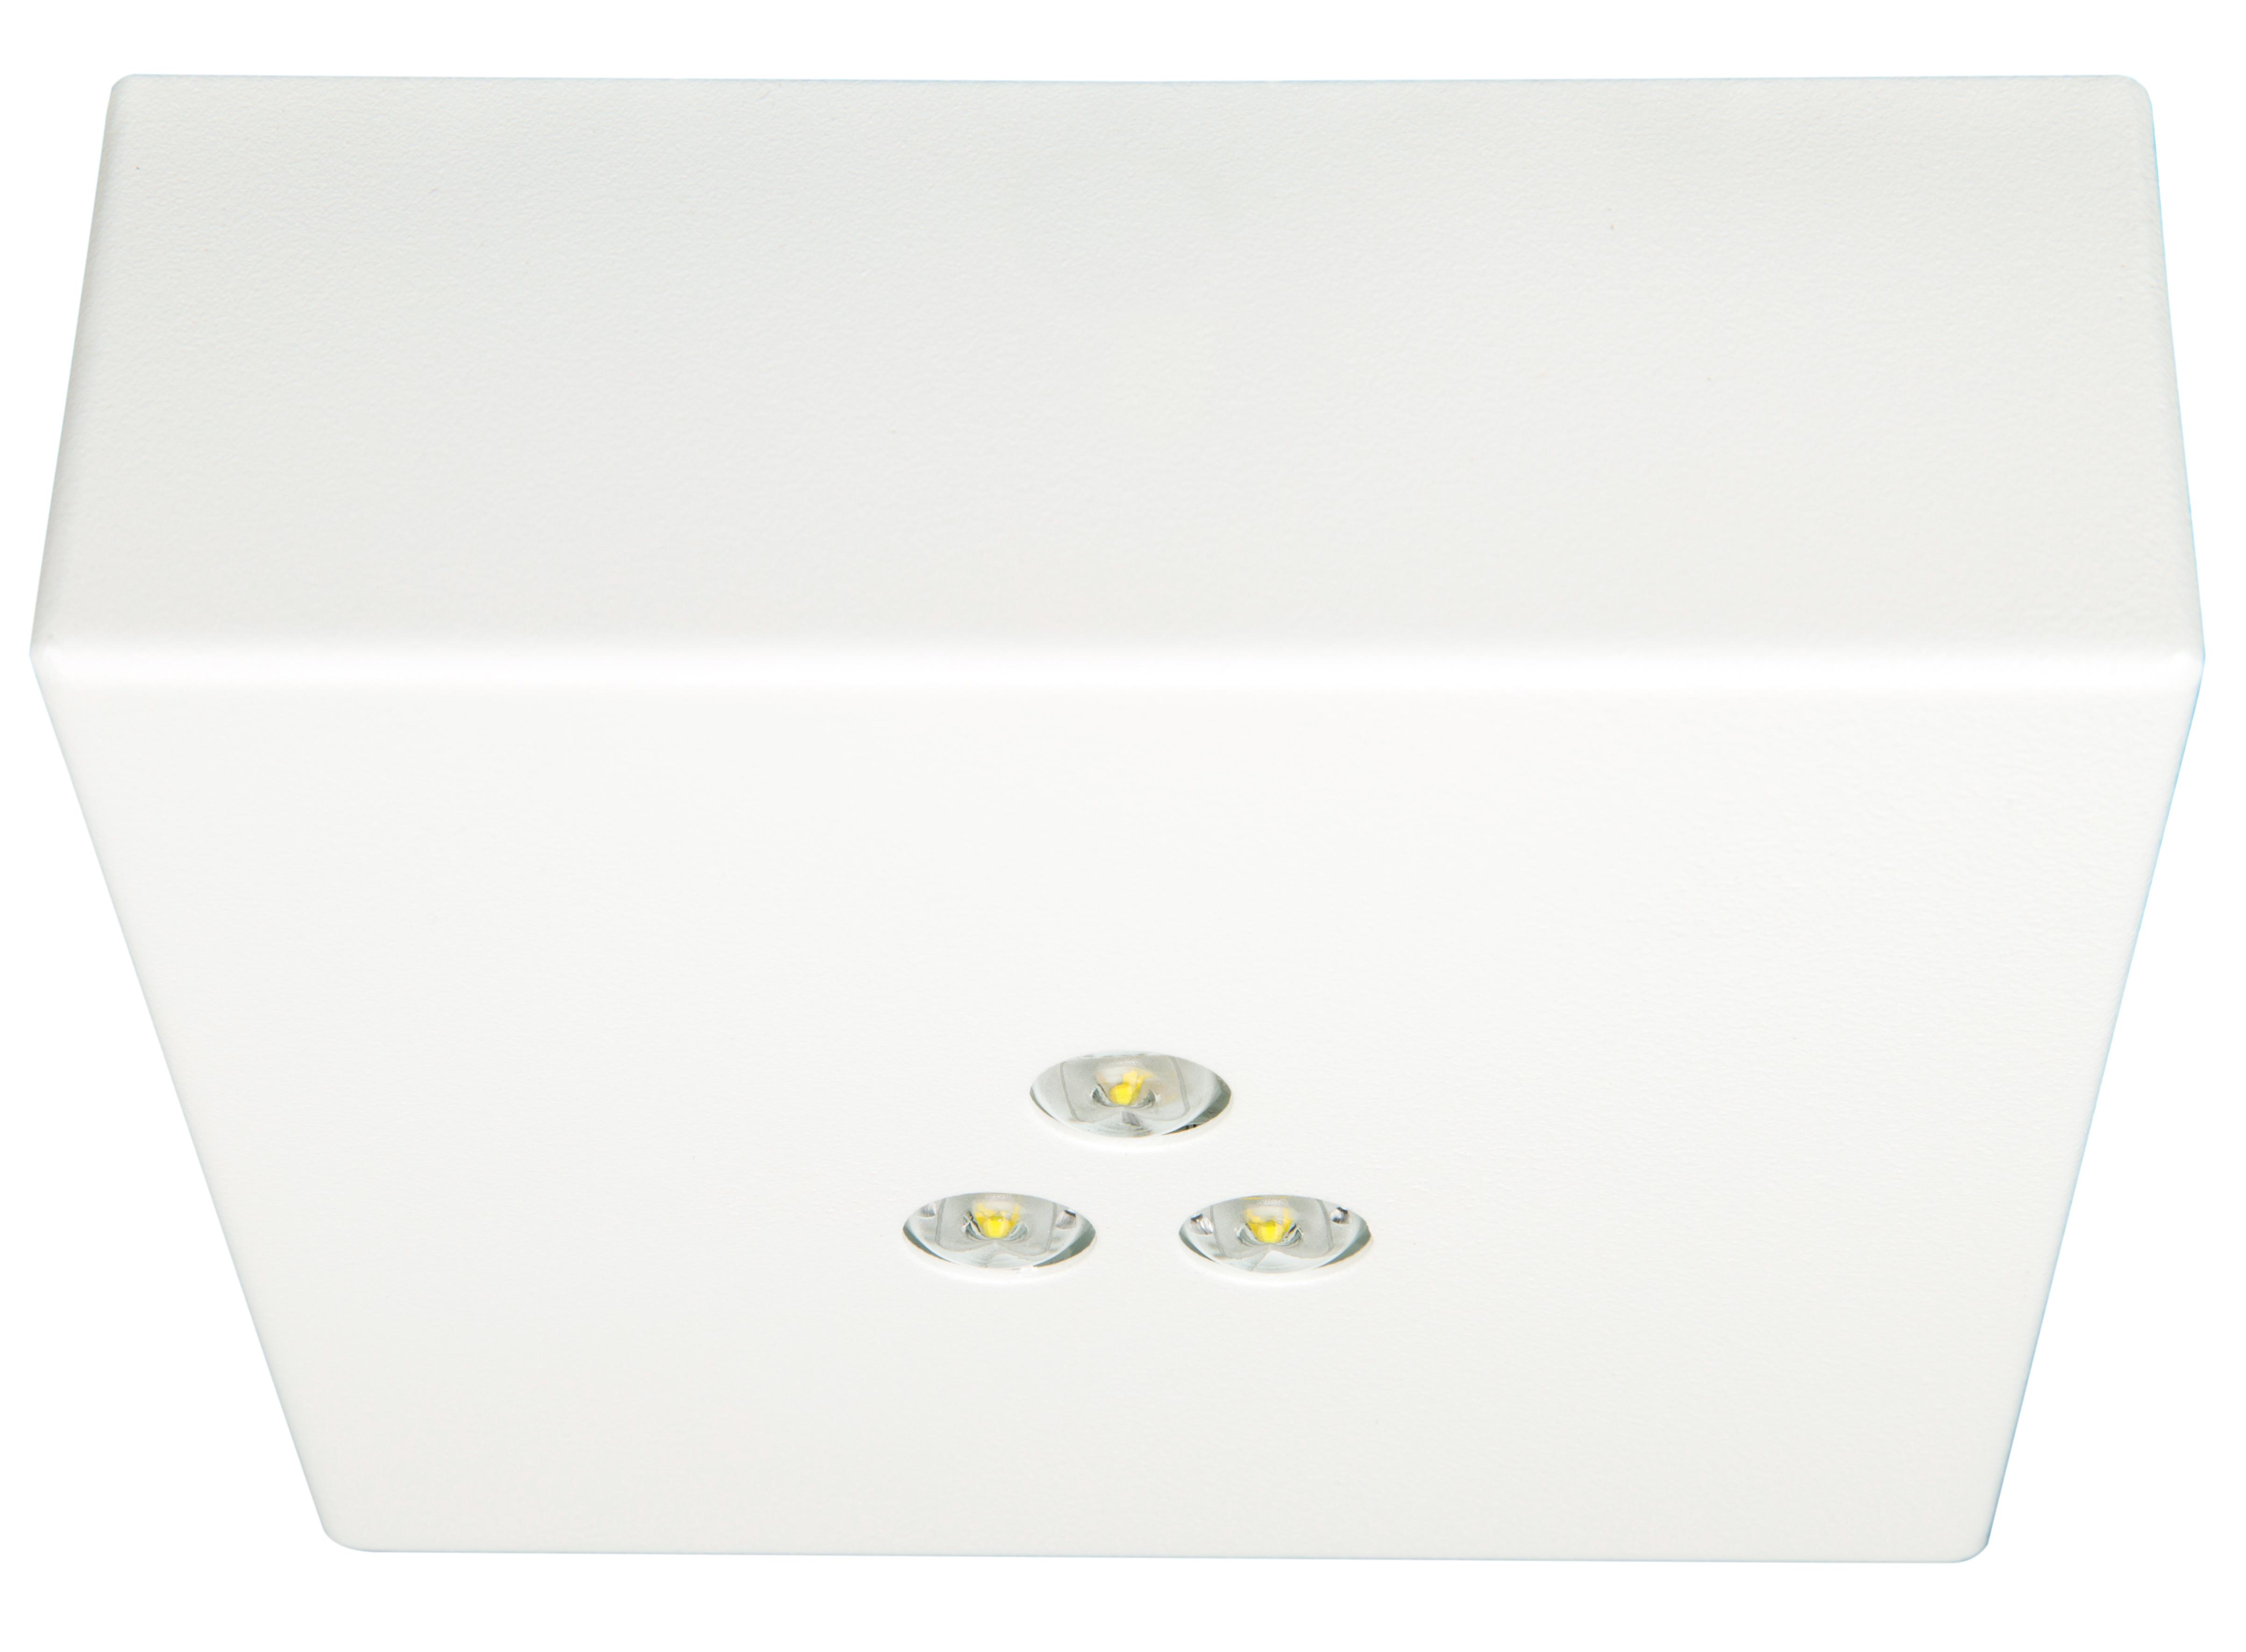 1 Stk Notleuchte DAQ 3x1W ERT-LED 230V EL,  Deckenanbaumontage NLDAQ029EL